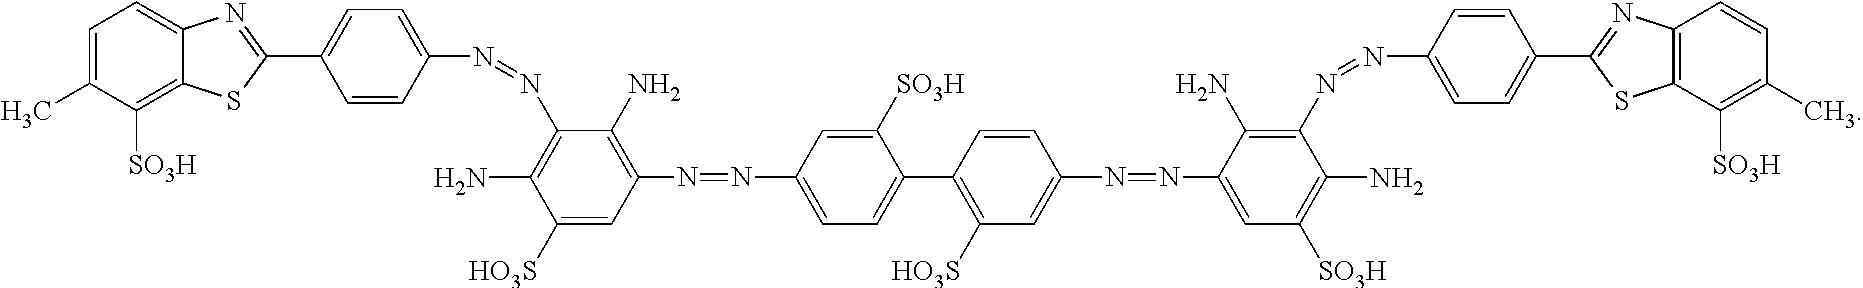 Figure US08734532-20140527-C00040